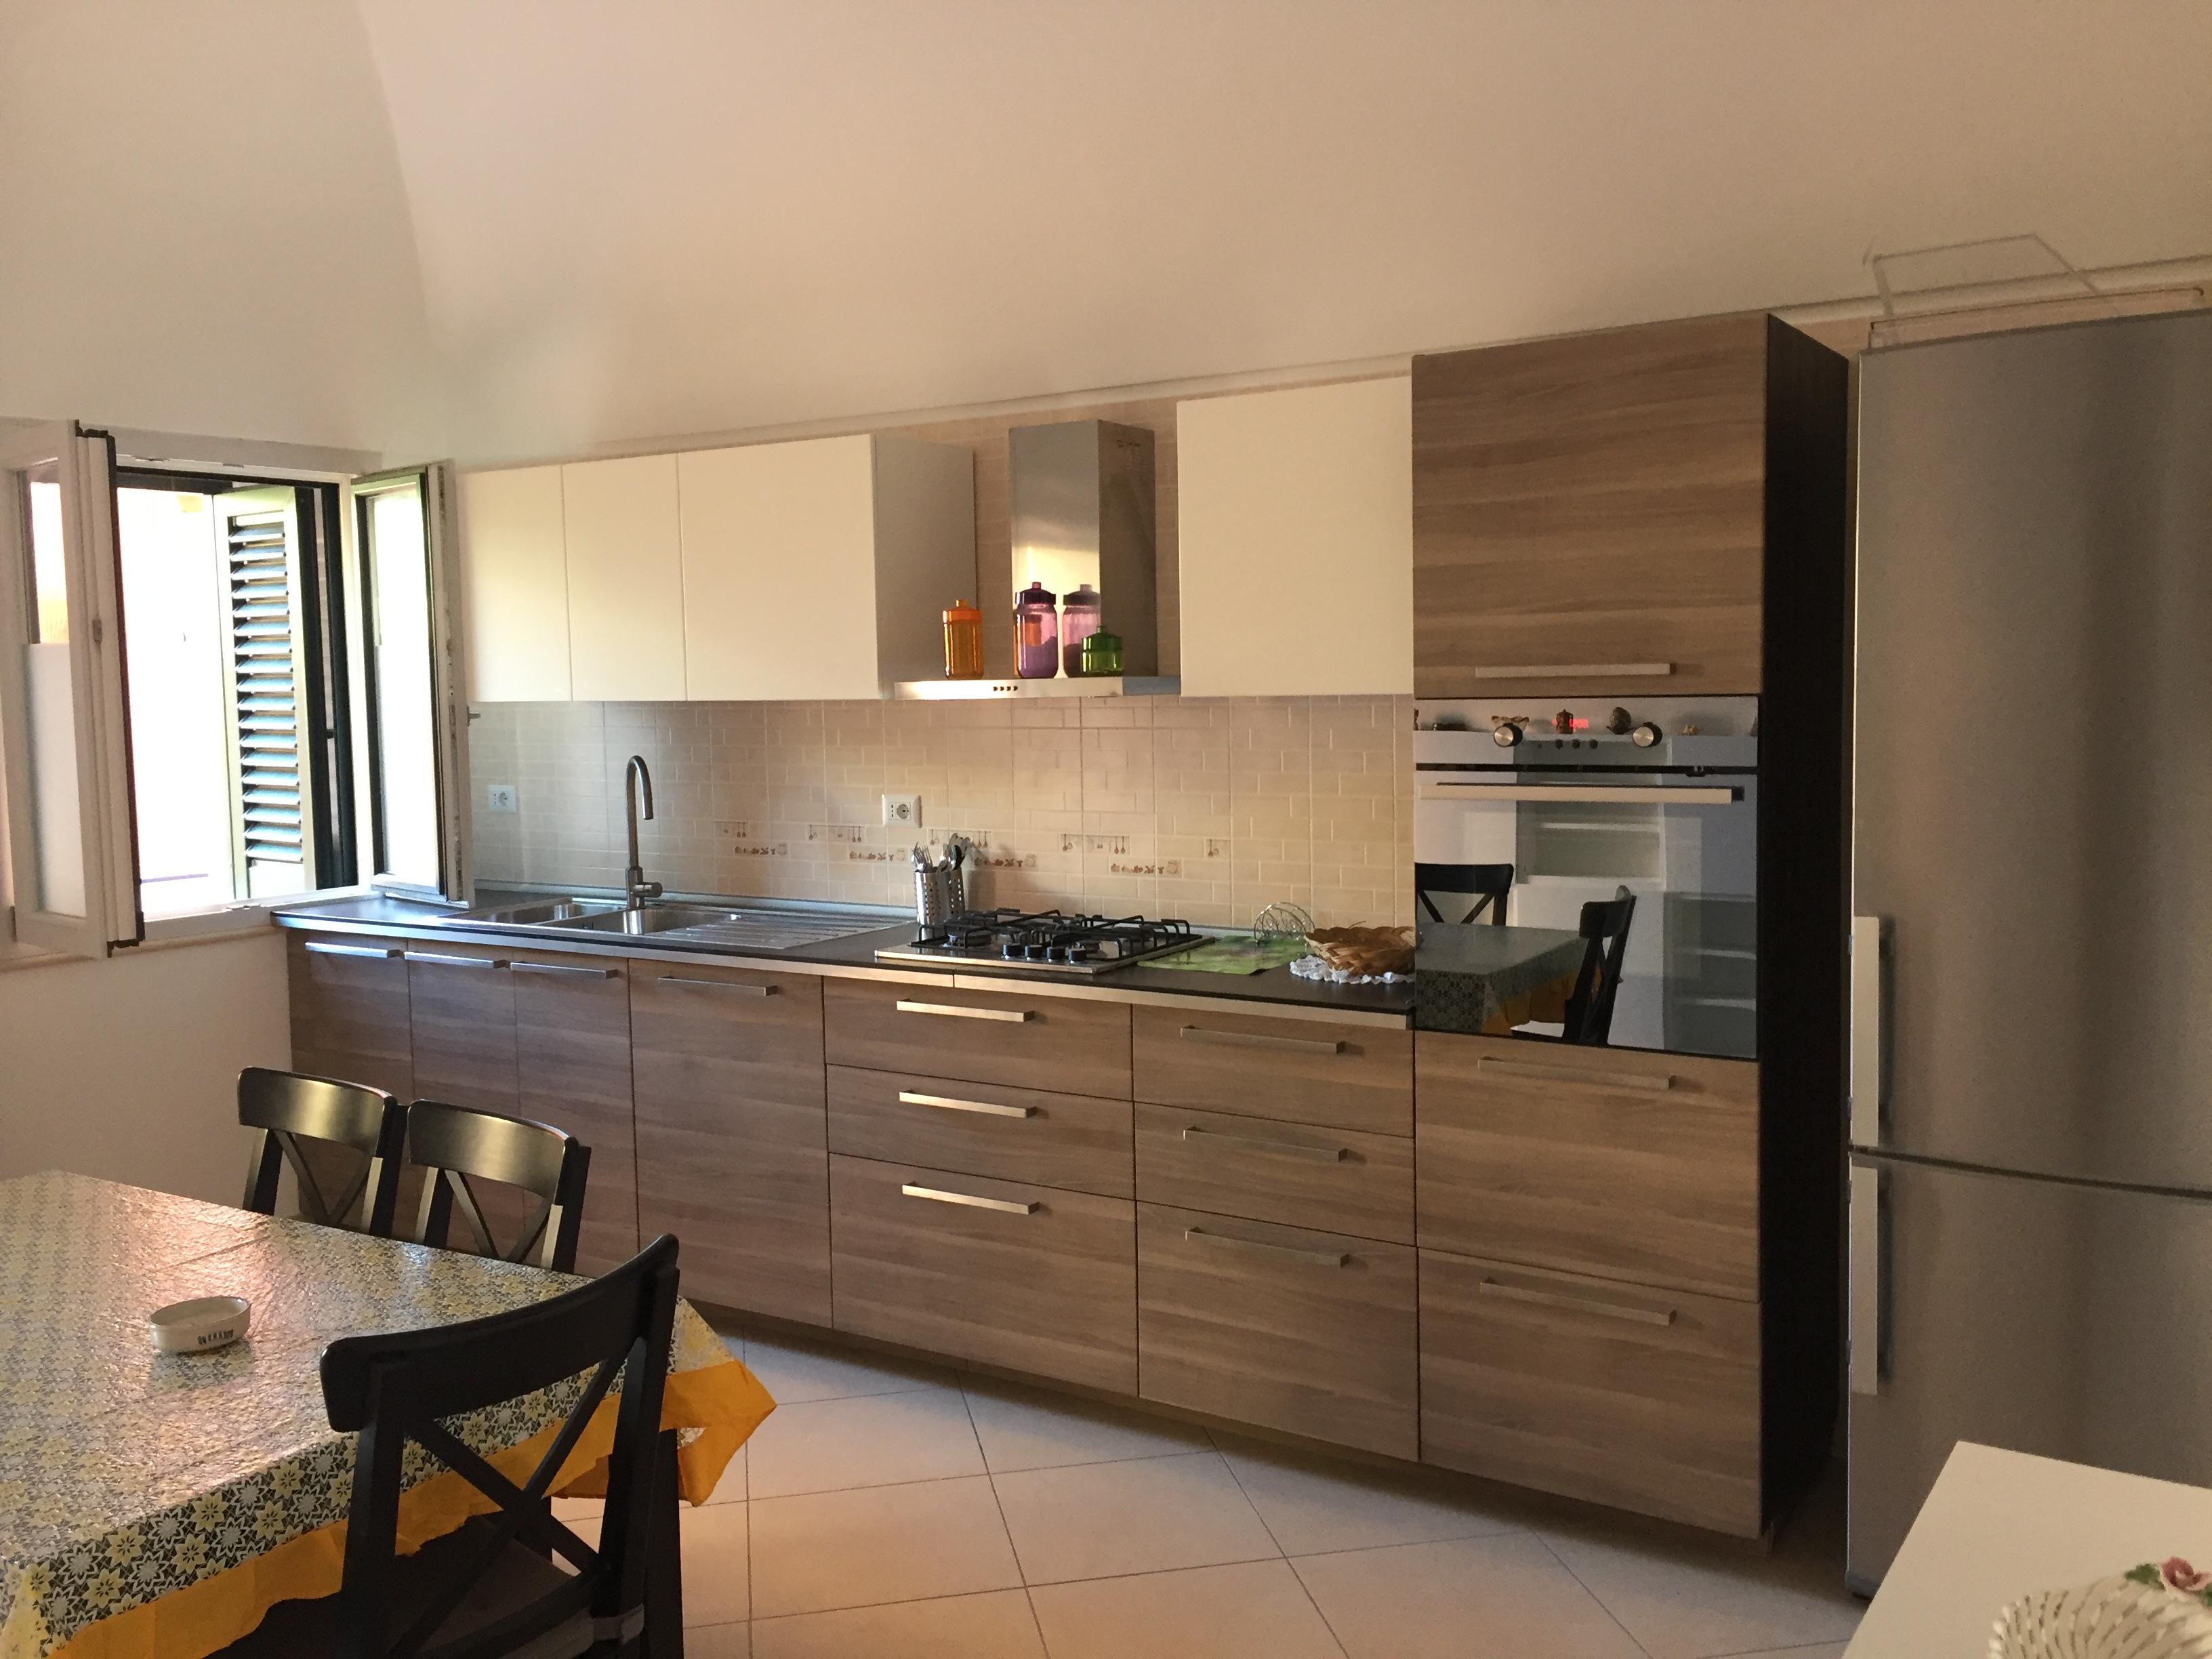 Casa Vacanza - Muraglione (402)